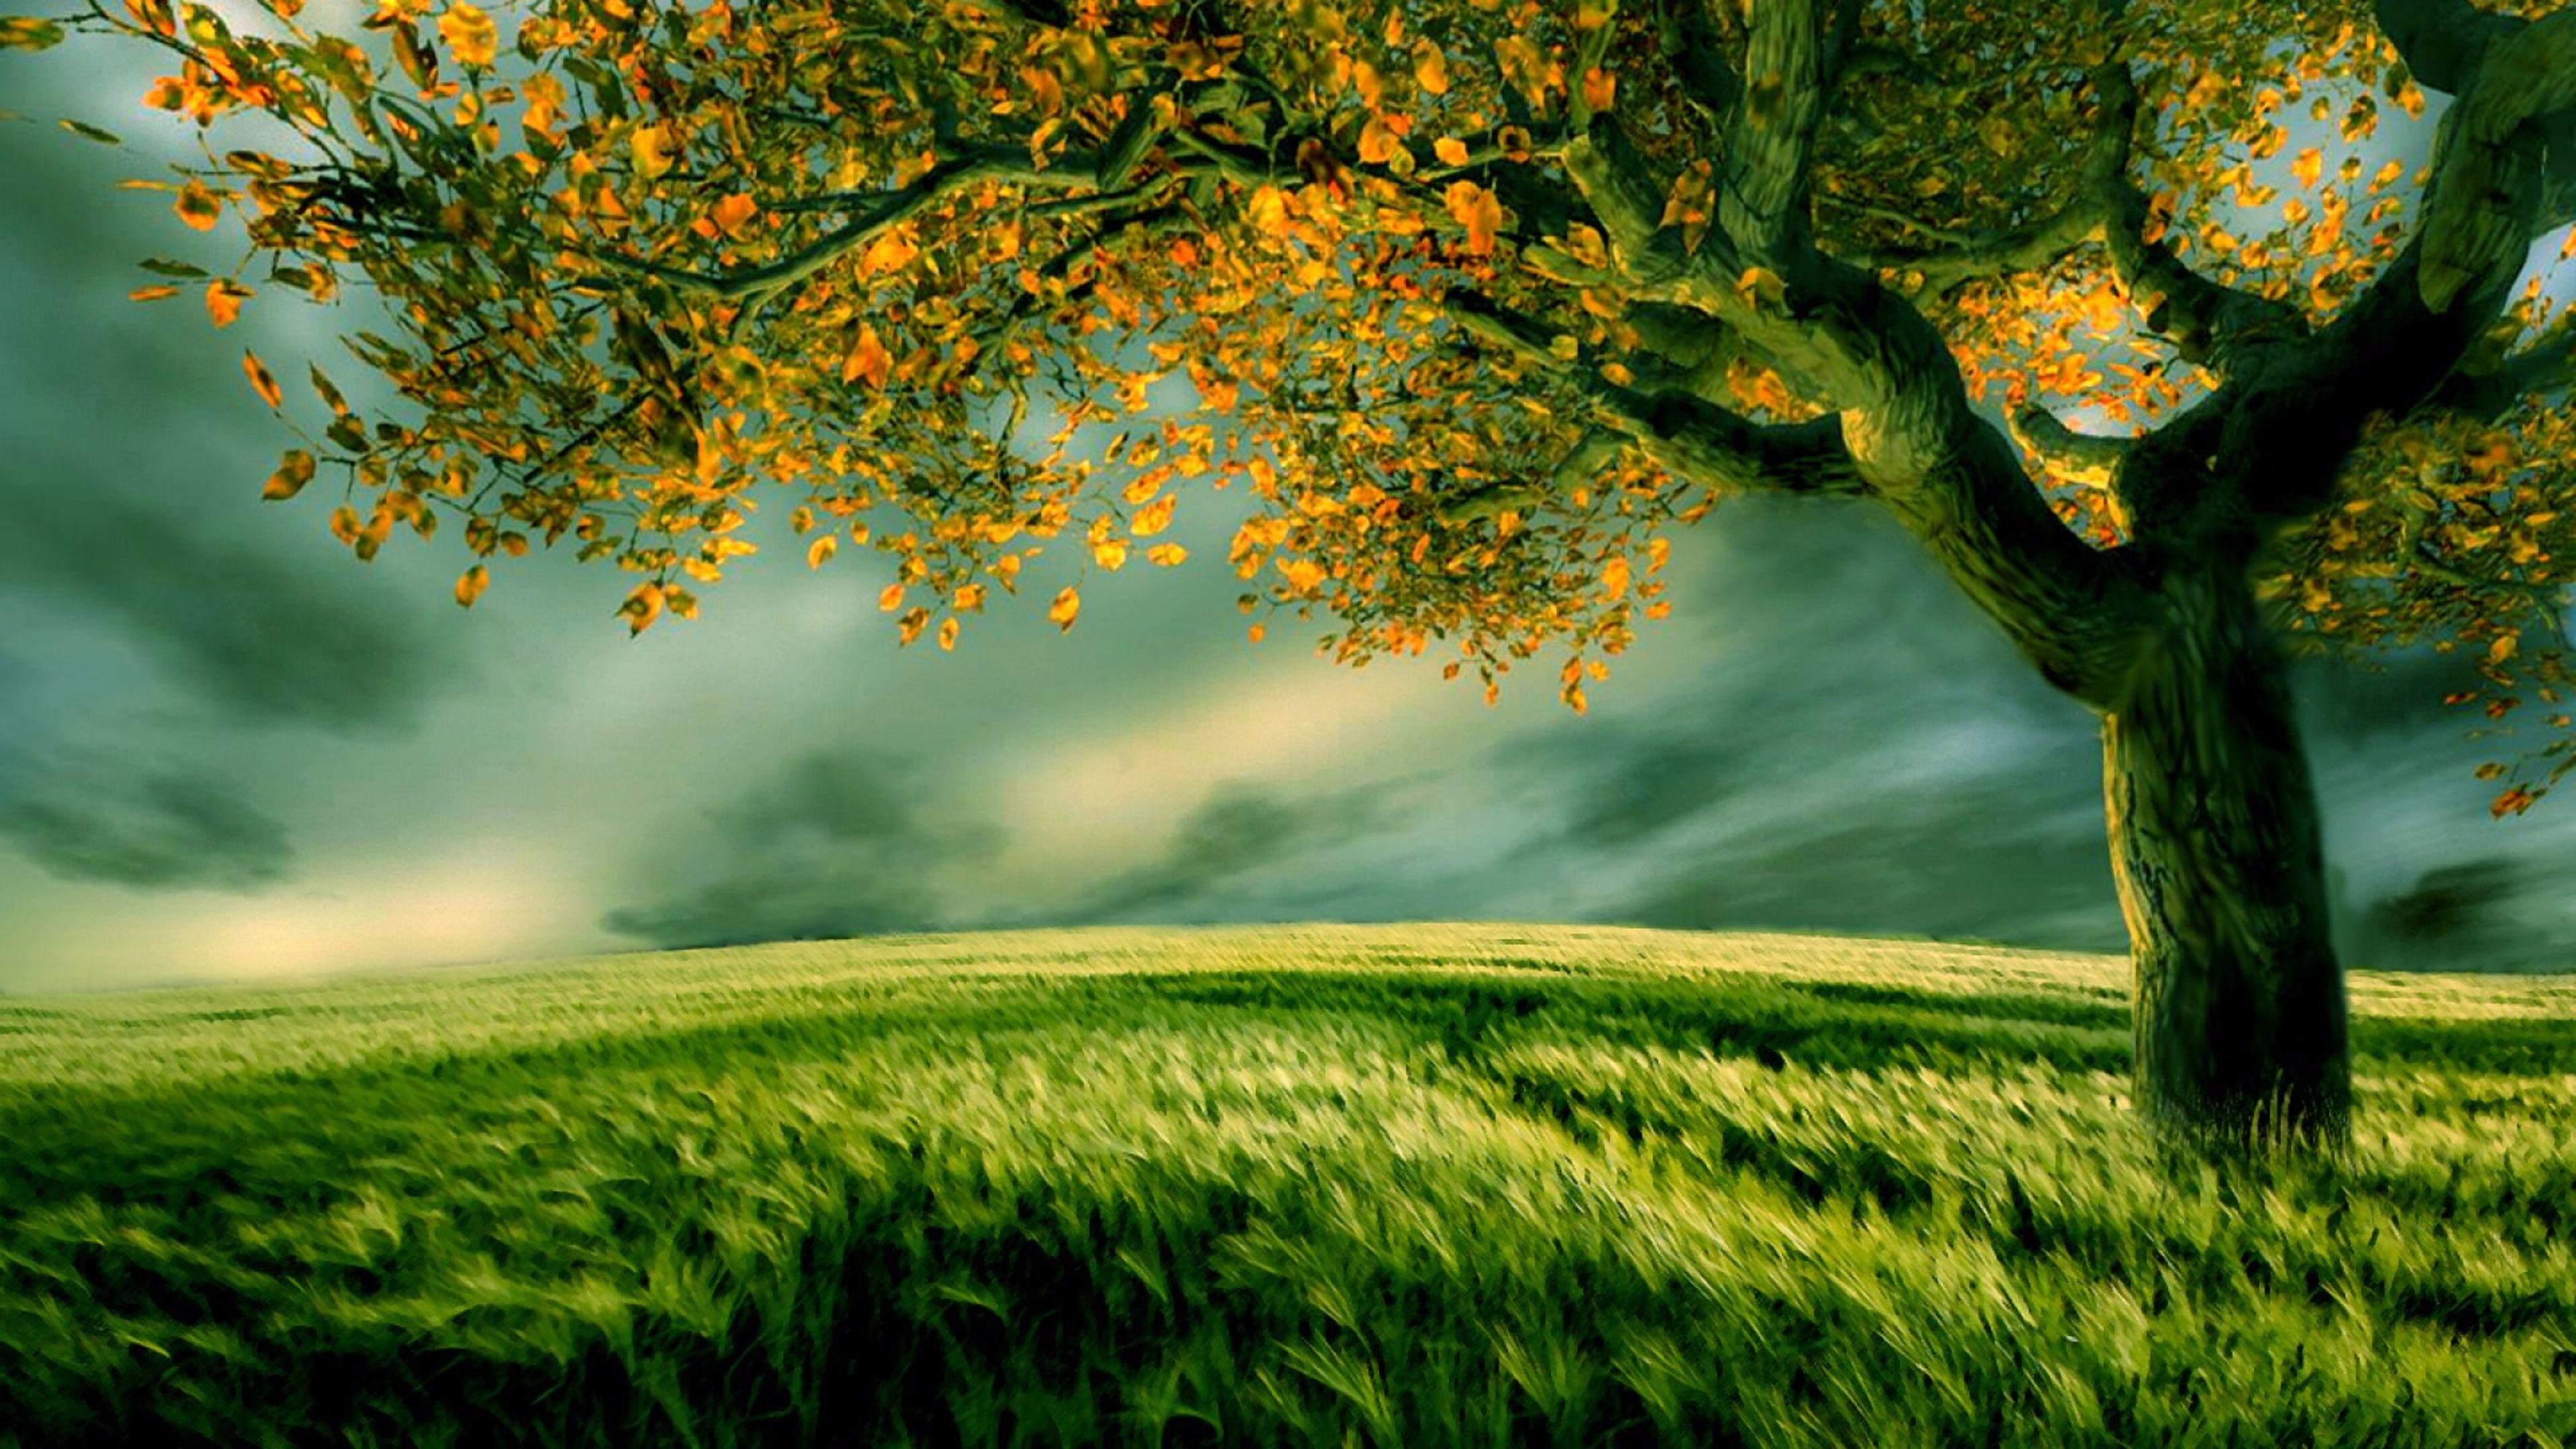 Res: 3840x2160, Top Beauty Nature 4K Wallpaper